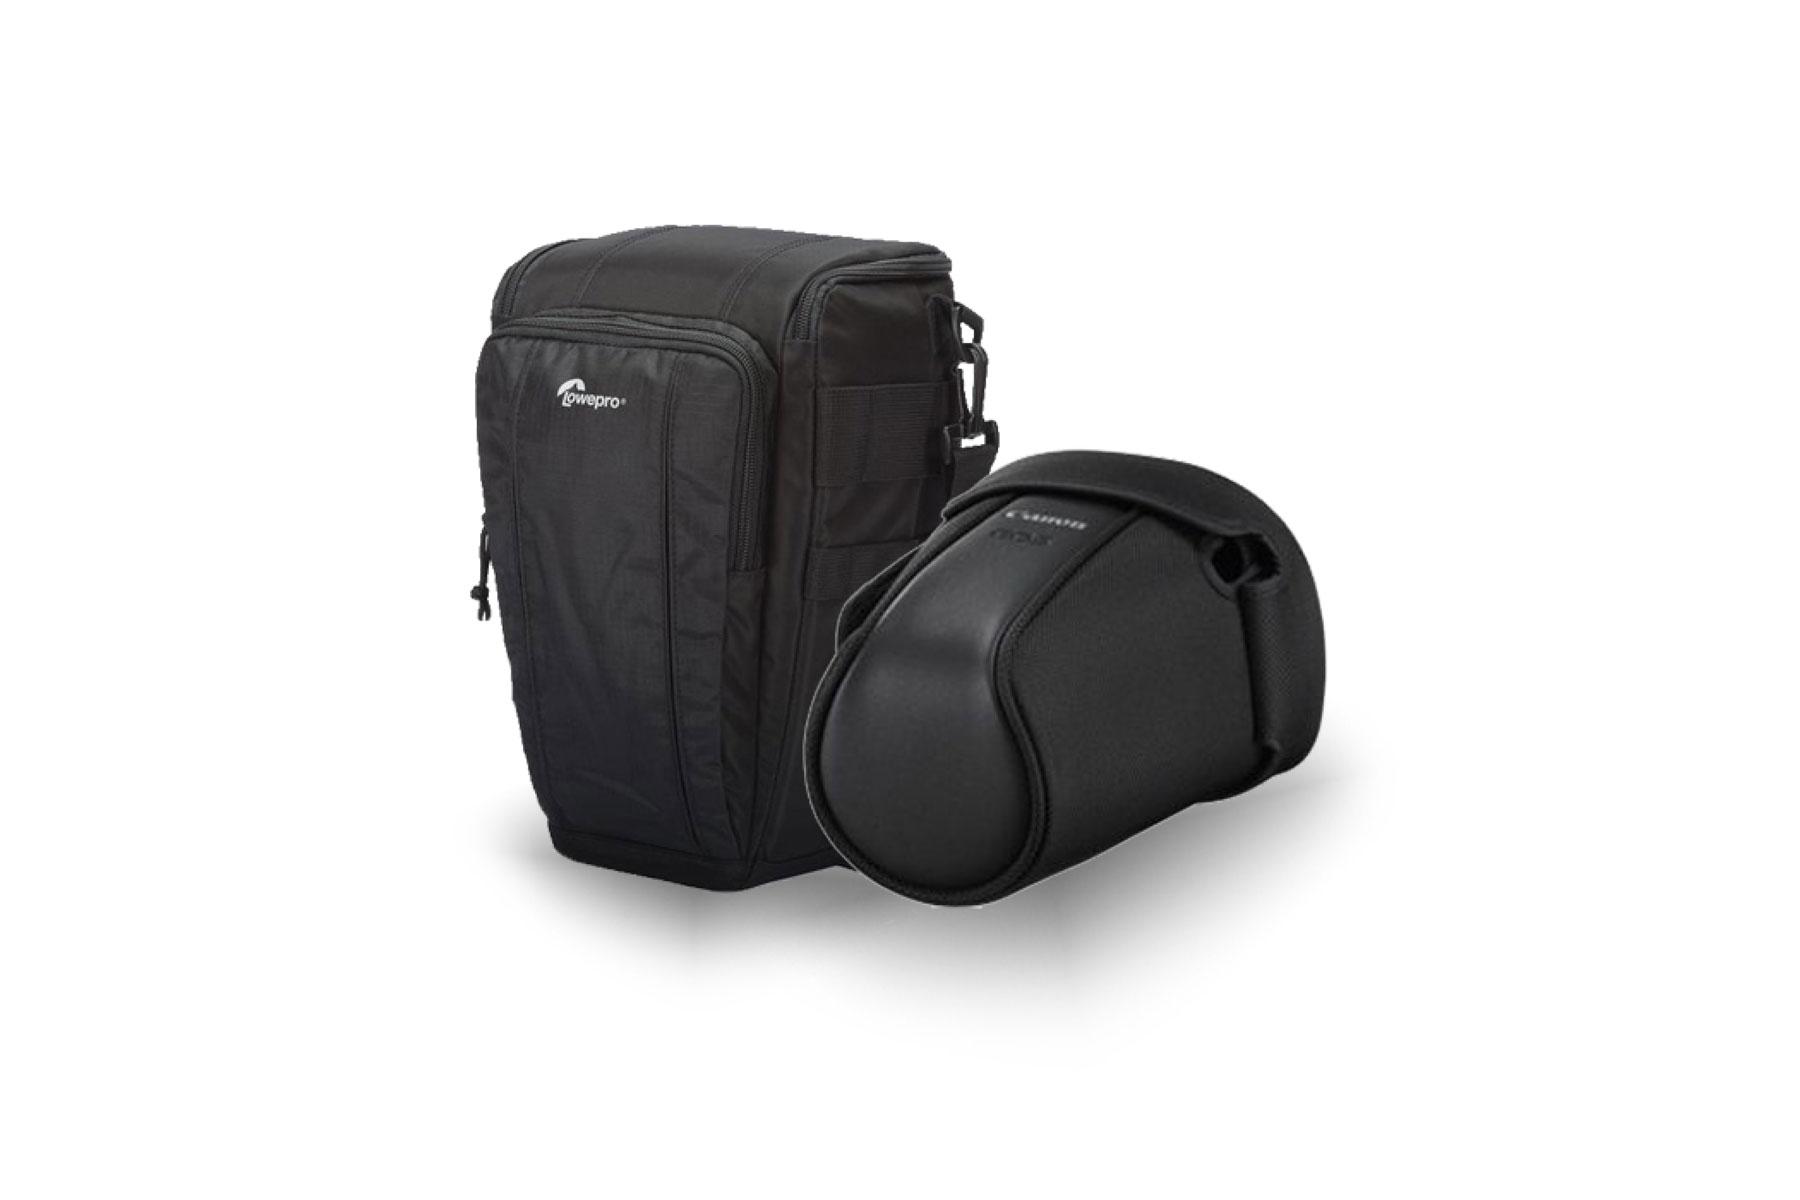 Fototaschen - Colt-Taschen